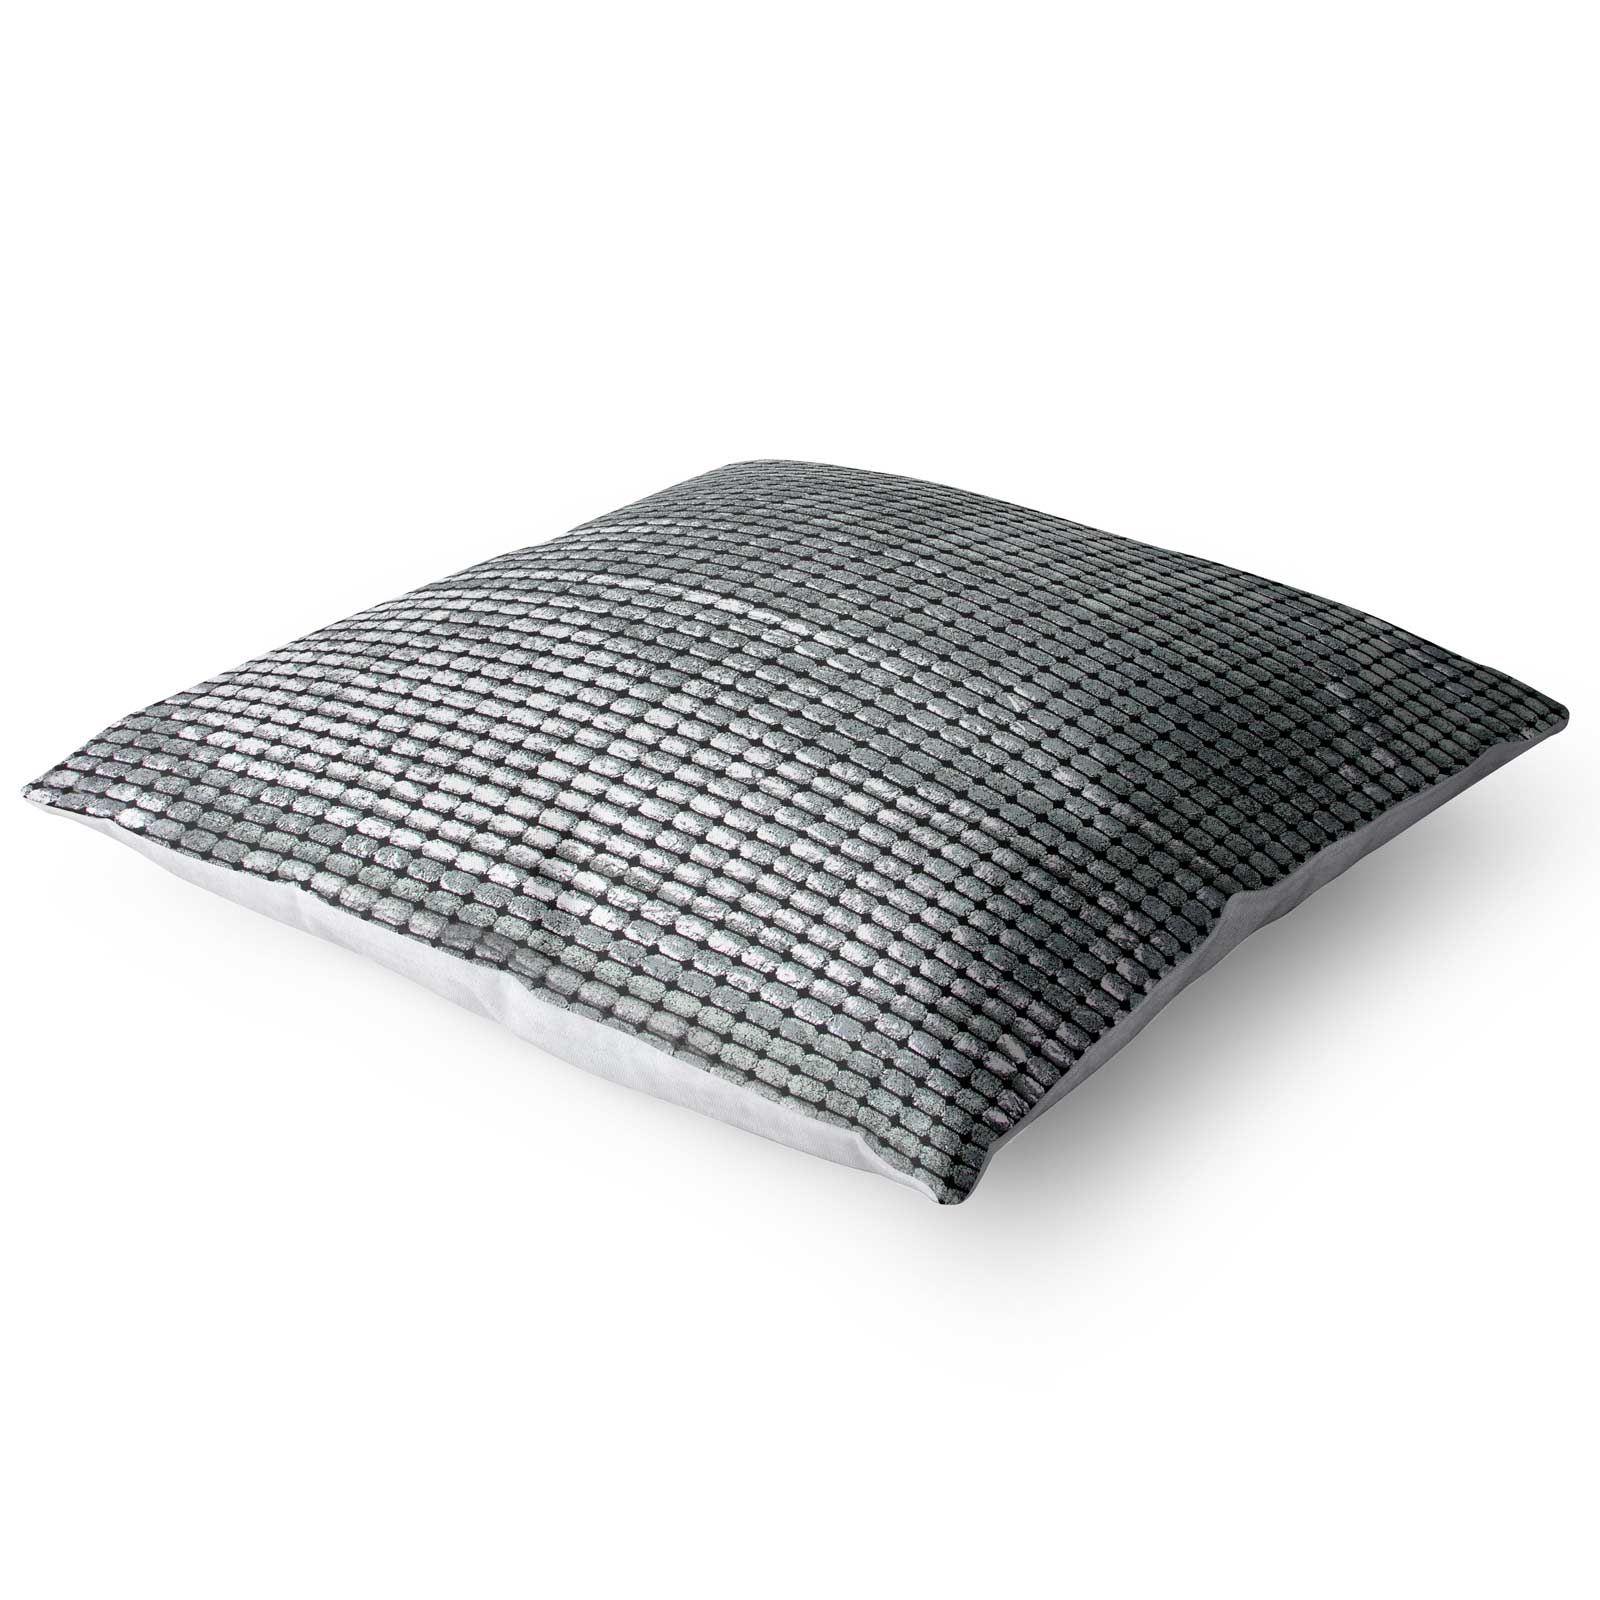 Impresion-de-lamina-metalica-Moderno-Funda-De-Cojin-Almohadon-cubiertas-de-cojines-18-034-X-18-034 miniatura 21